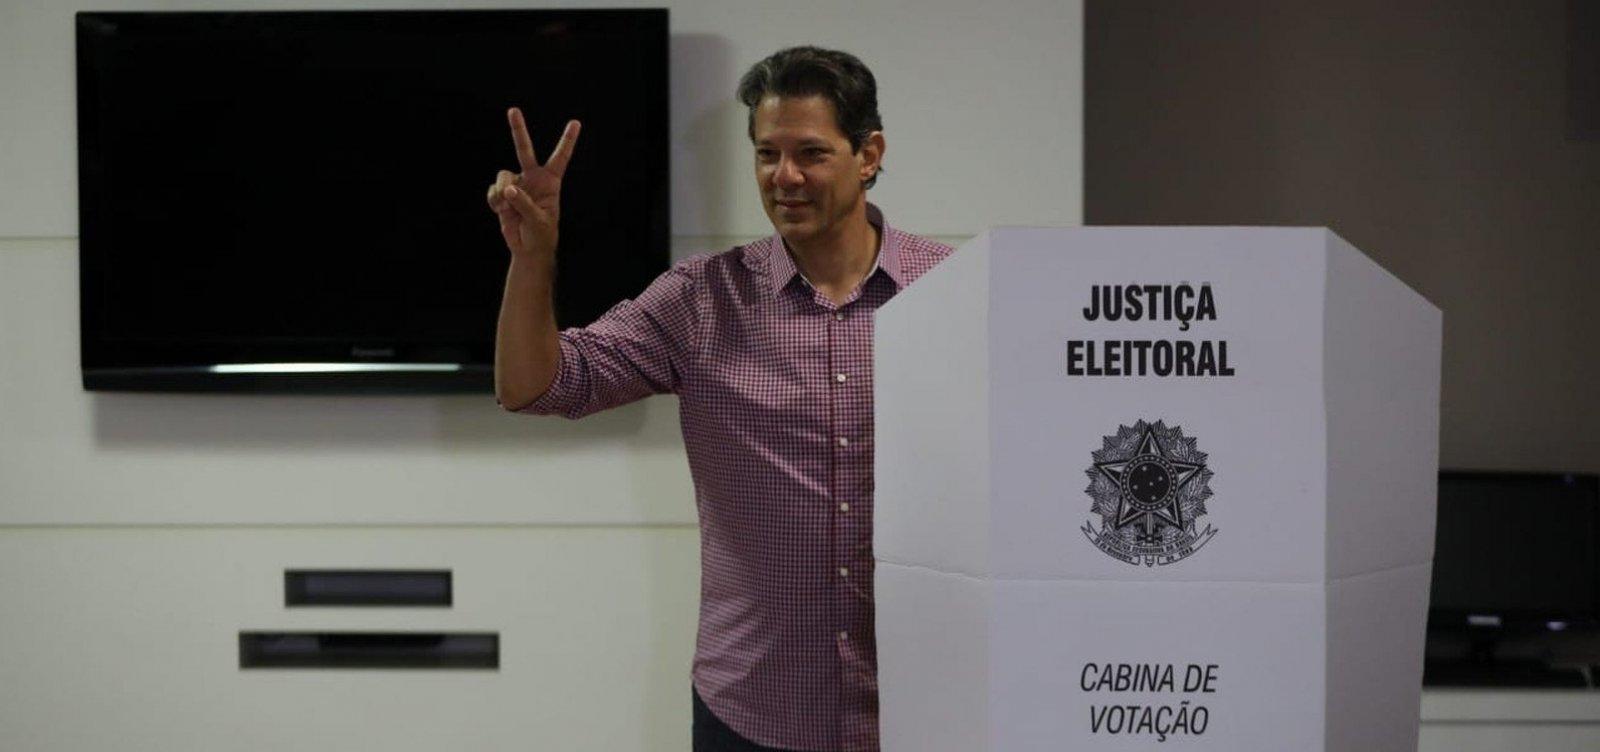 [ Haddad diz que vai felicitar 'quem quer que seja eleito']